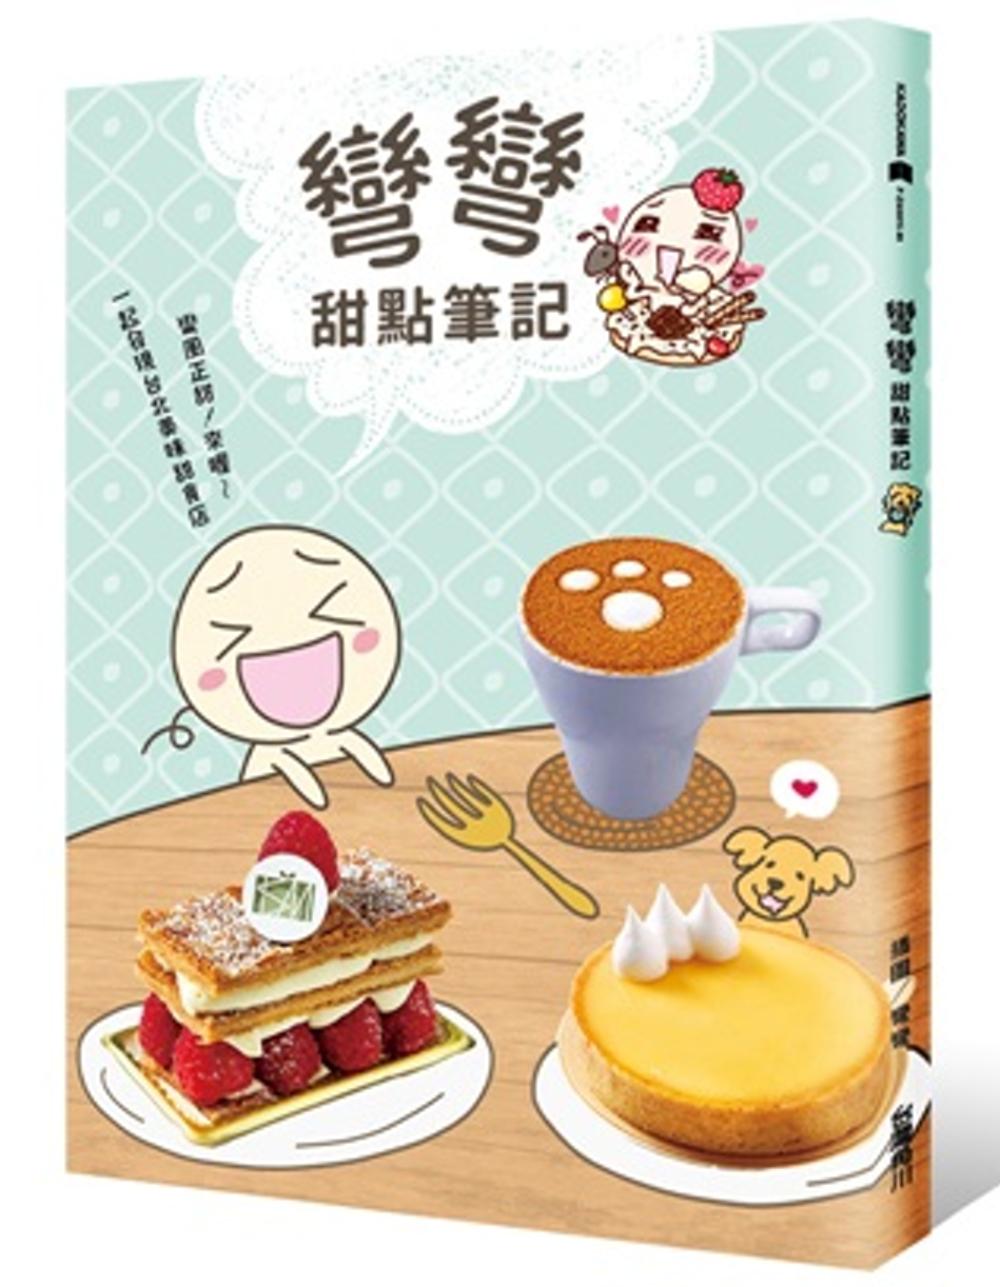 《彎彎甜點筆記:彎風正甜!來喔~一起發現台北美味甜食店》 商品條碼,ISBN:9789575640668